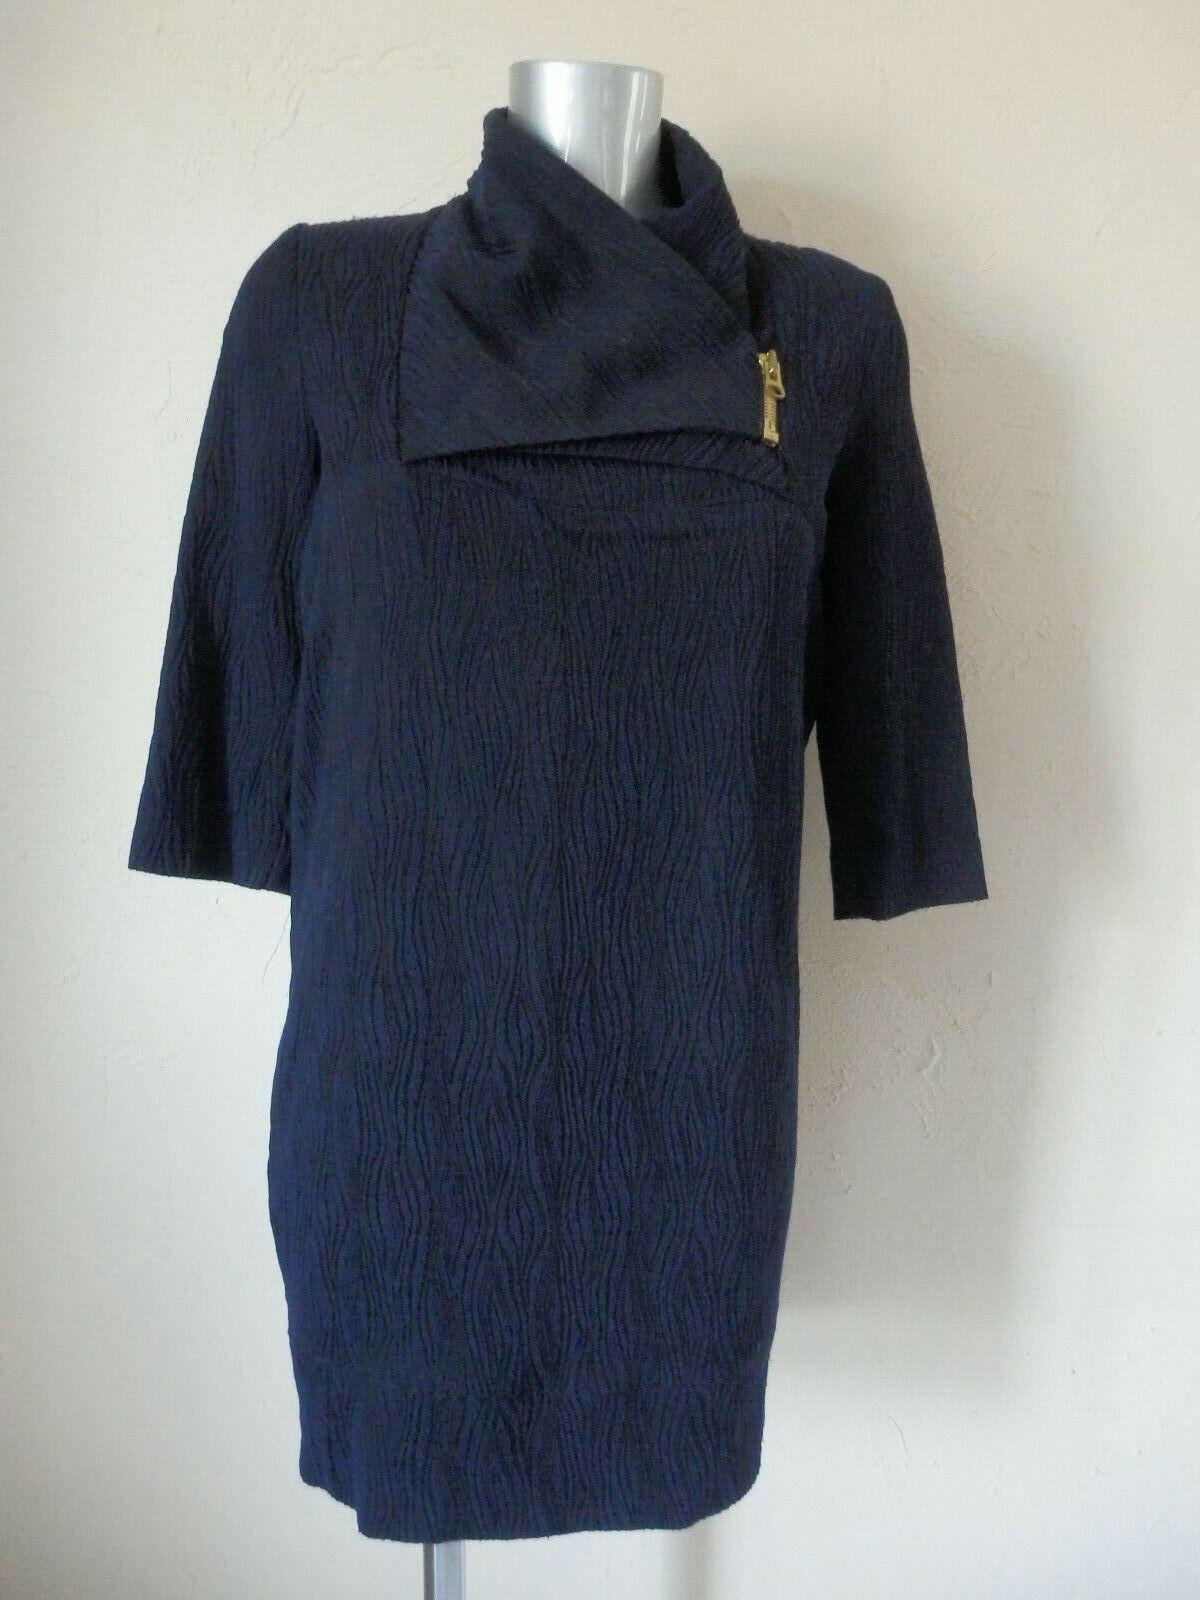 HEIMSTONE - Robe - blue et black - size 36fr - authentique